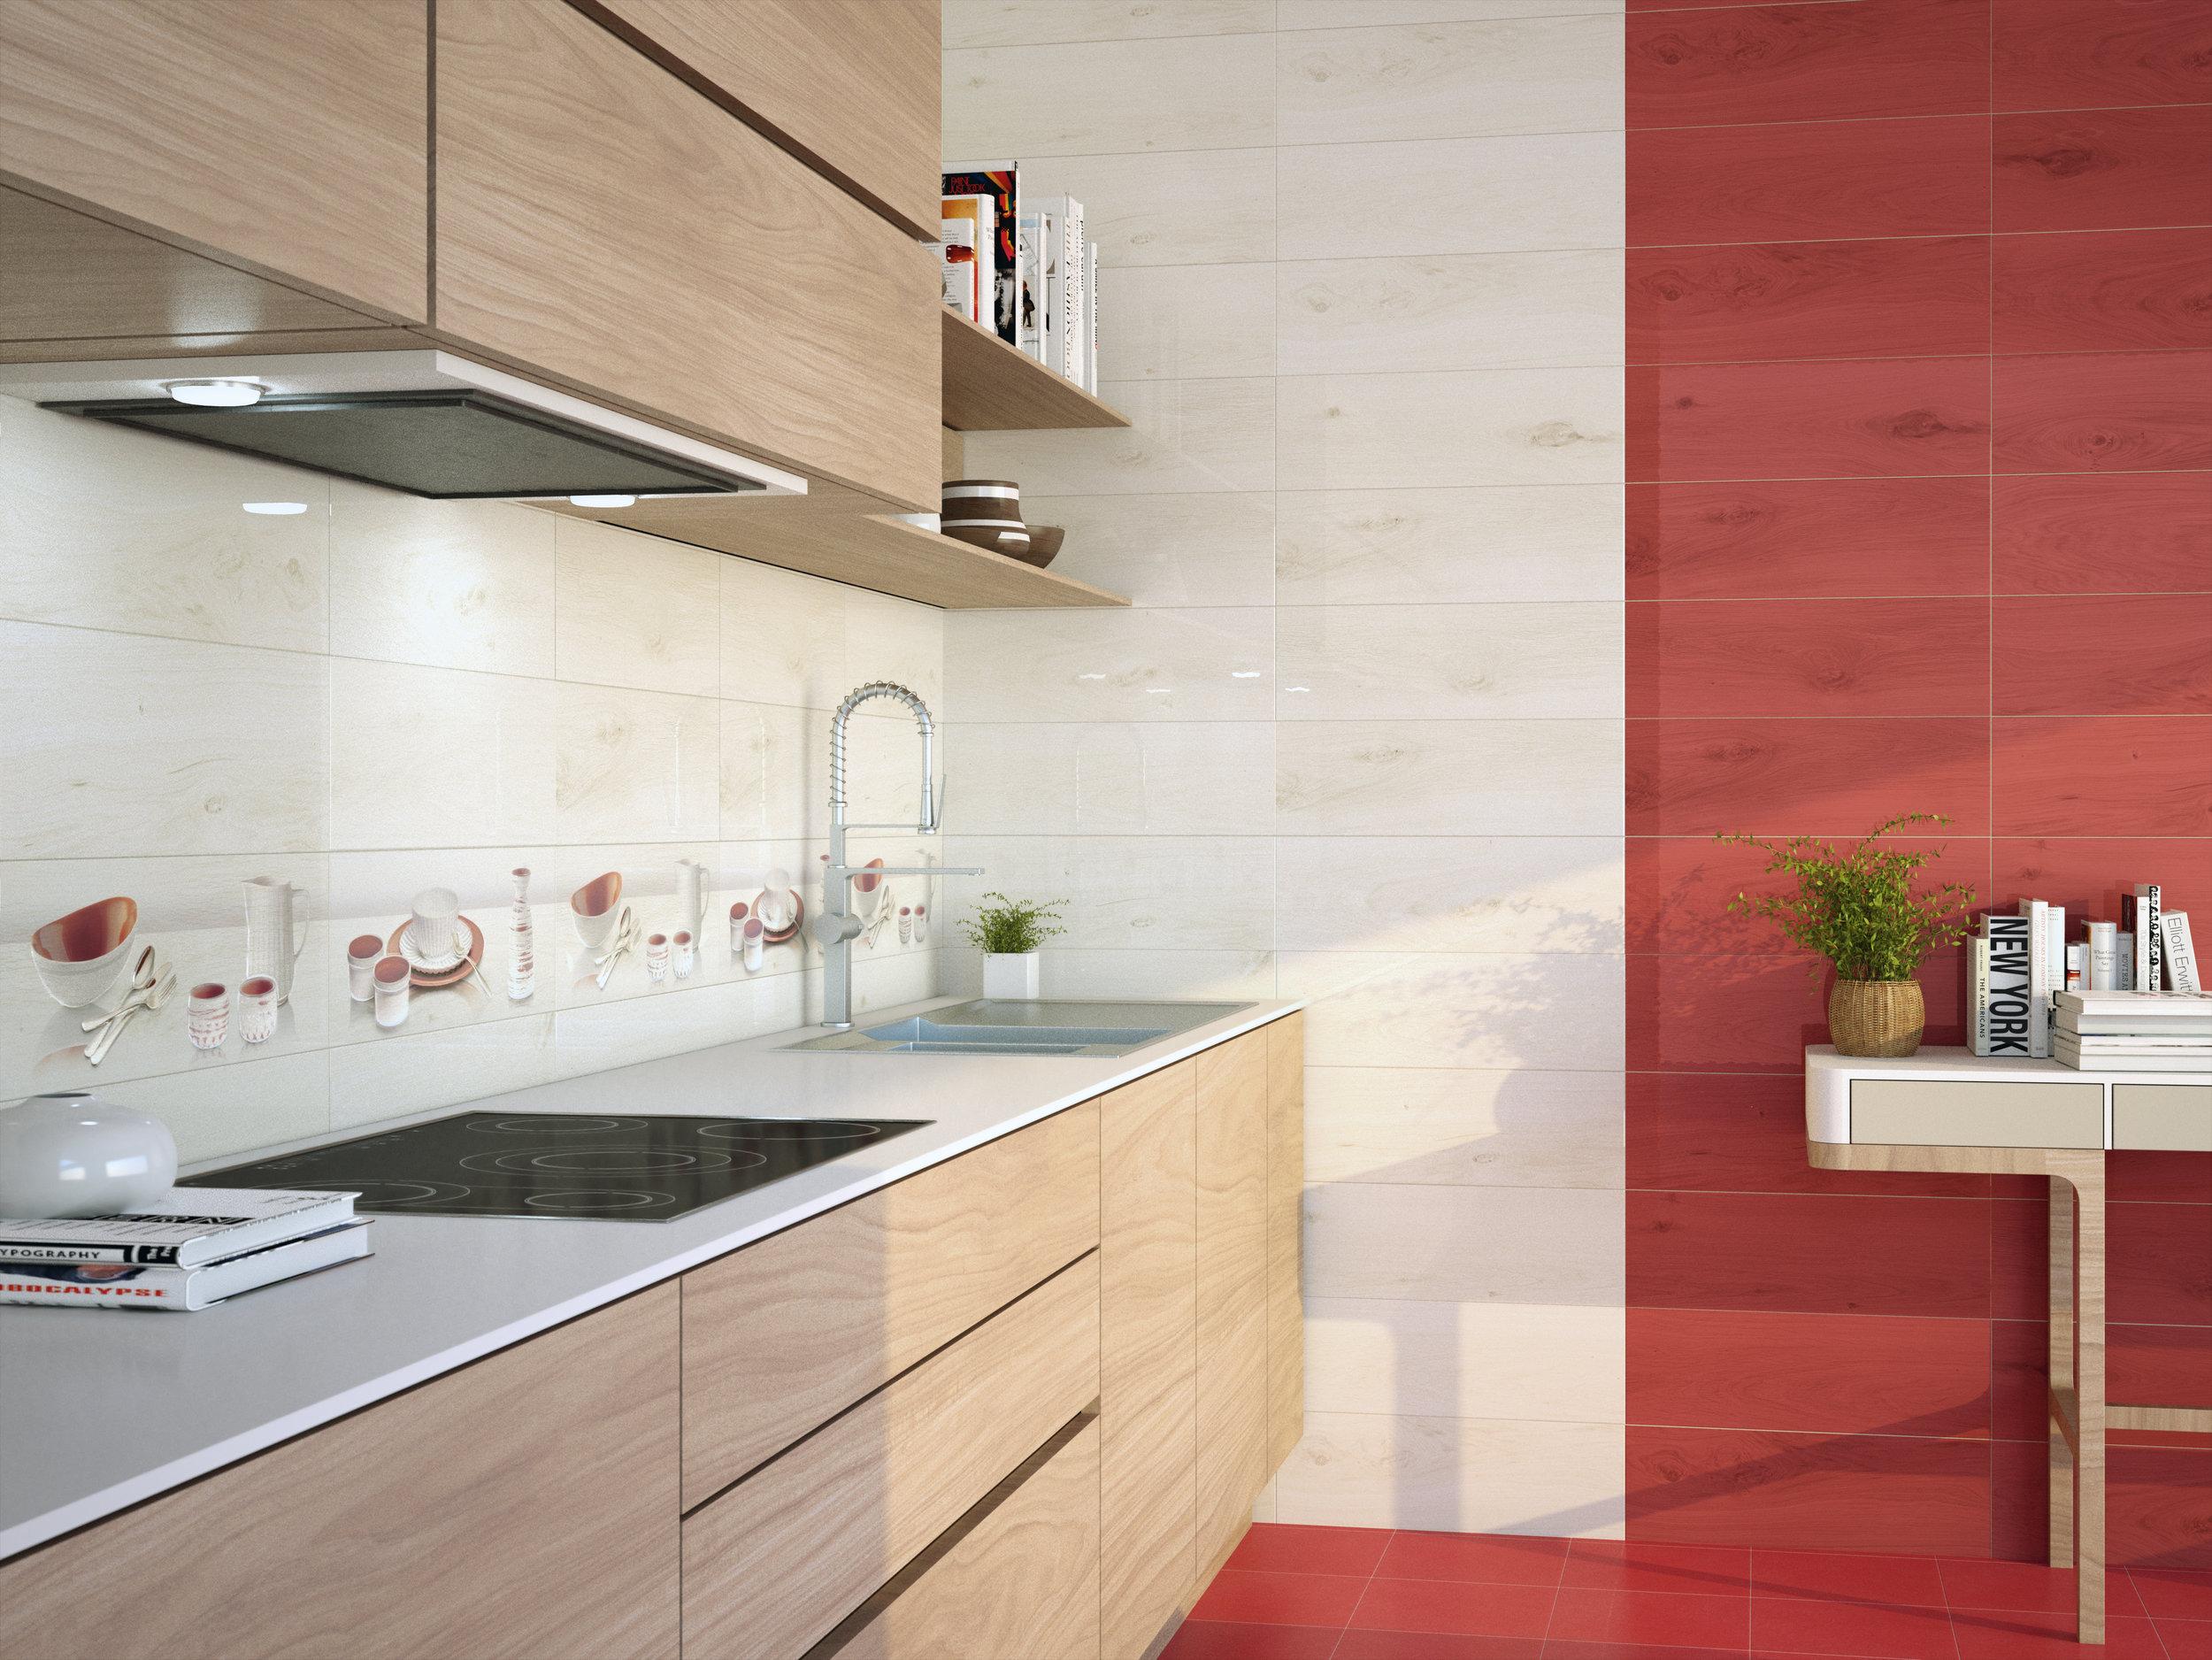 Vernis Blanco/Vernis Rojo 20x60 cm